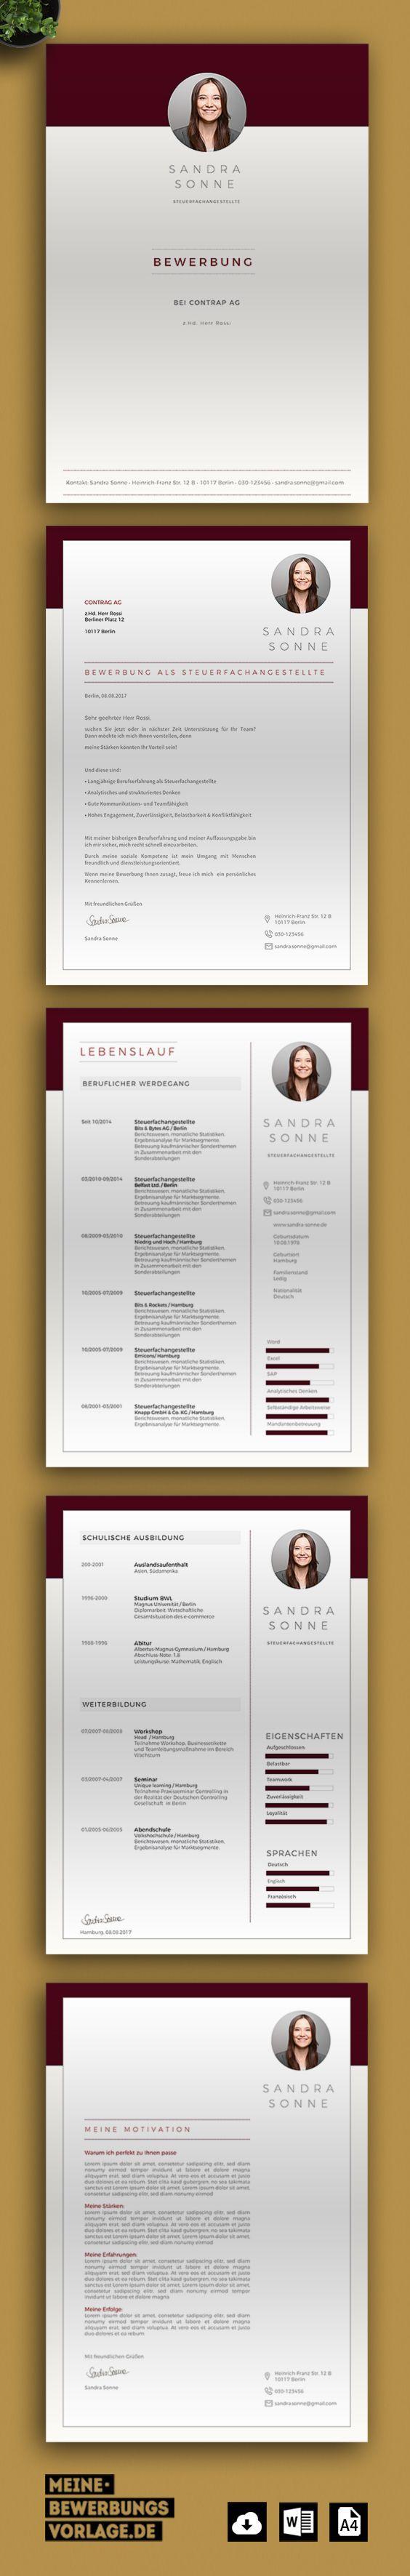 Hier Finden Sie Kreativ Gestaltete Bewerbungsvorlagen Mit Anschreiben Lebenslauf Motivationsschreiben Einfach Zu E Bewerbung Lebenslauf Bewerbung Lebenslauf